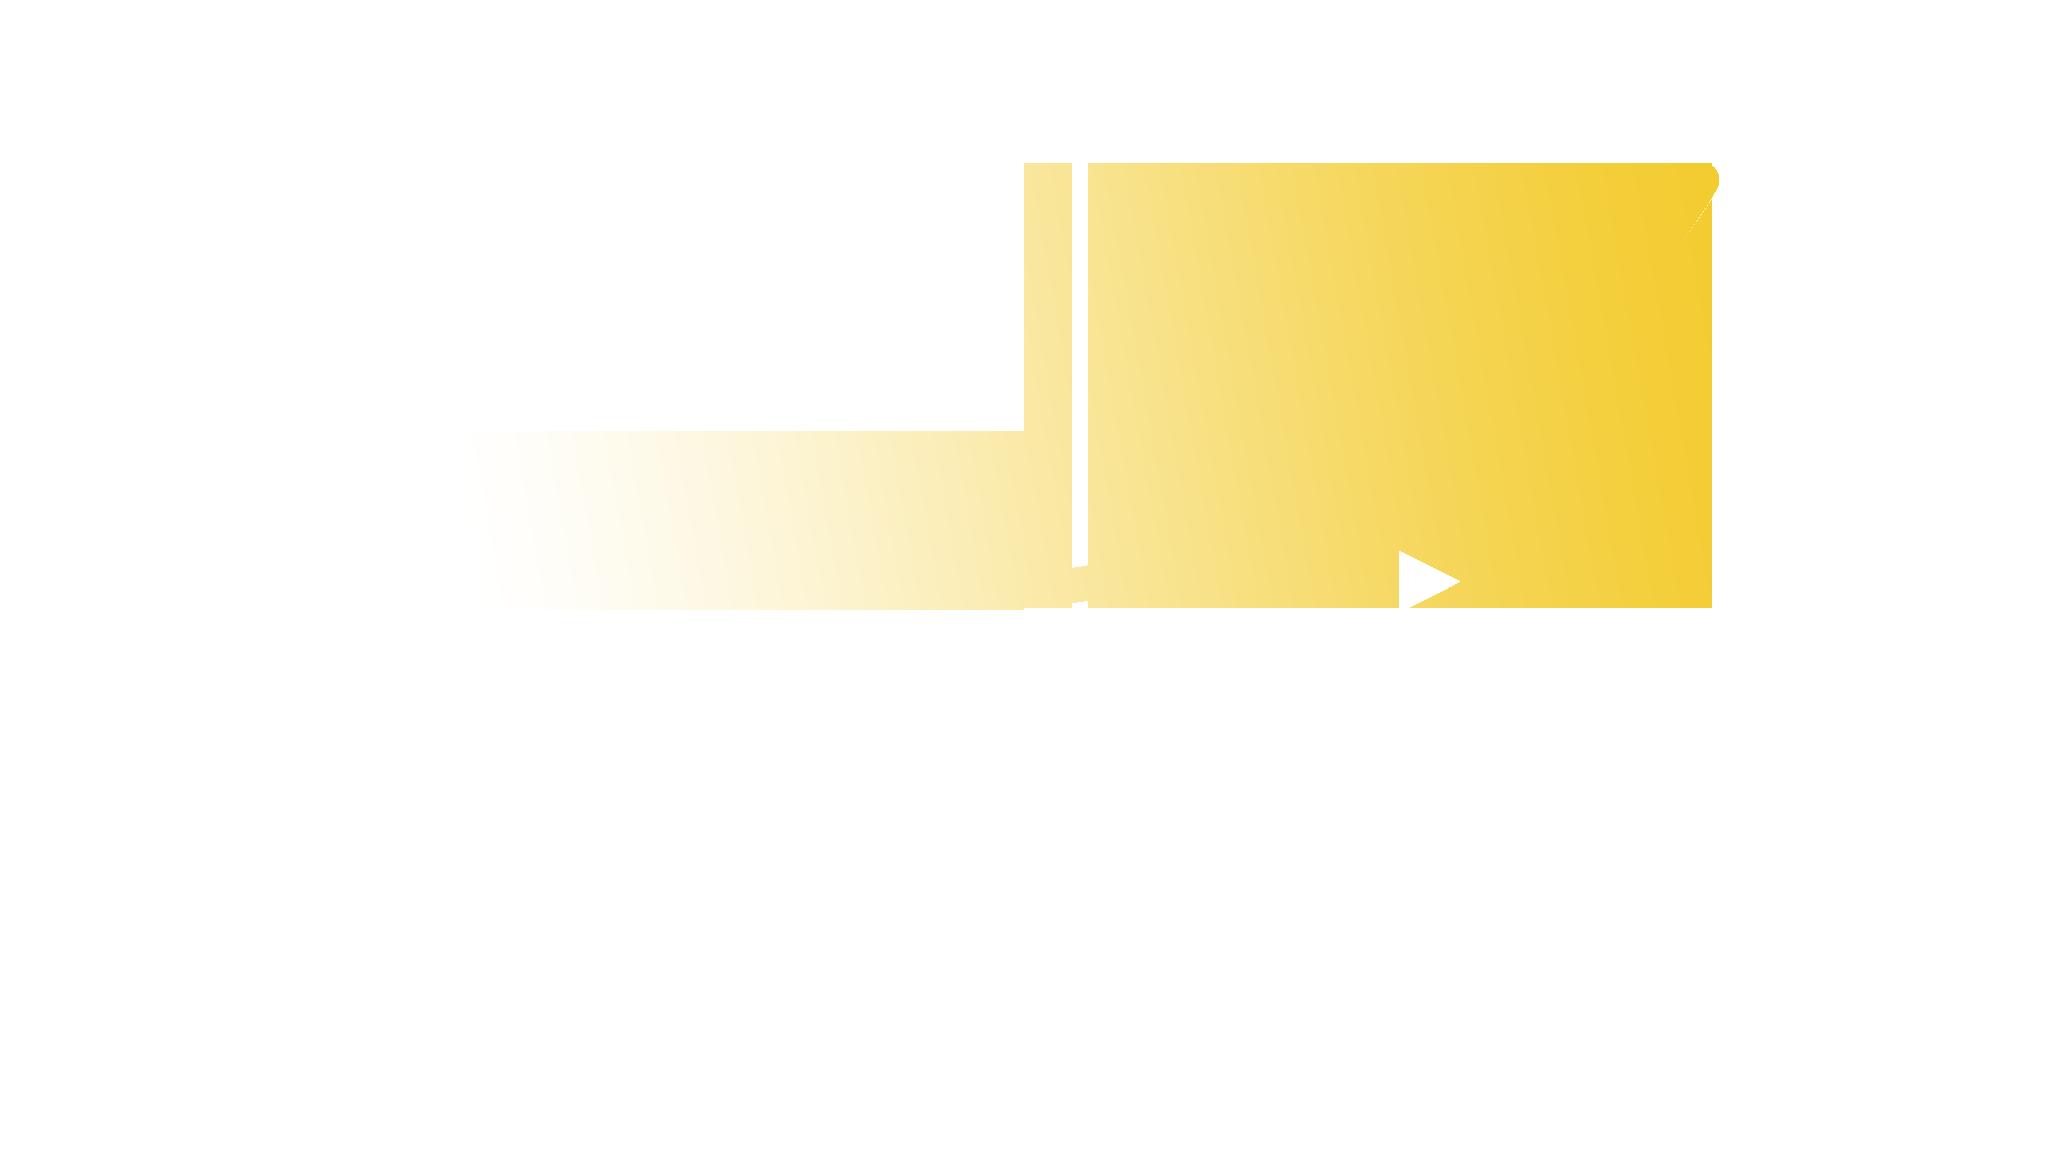 stimulus logo white